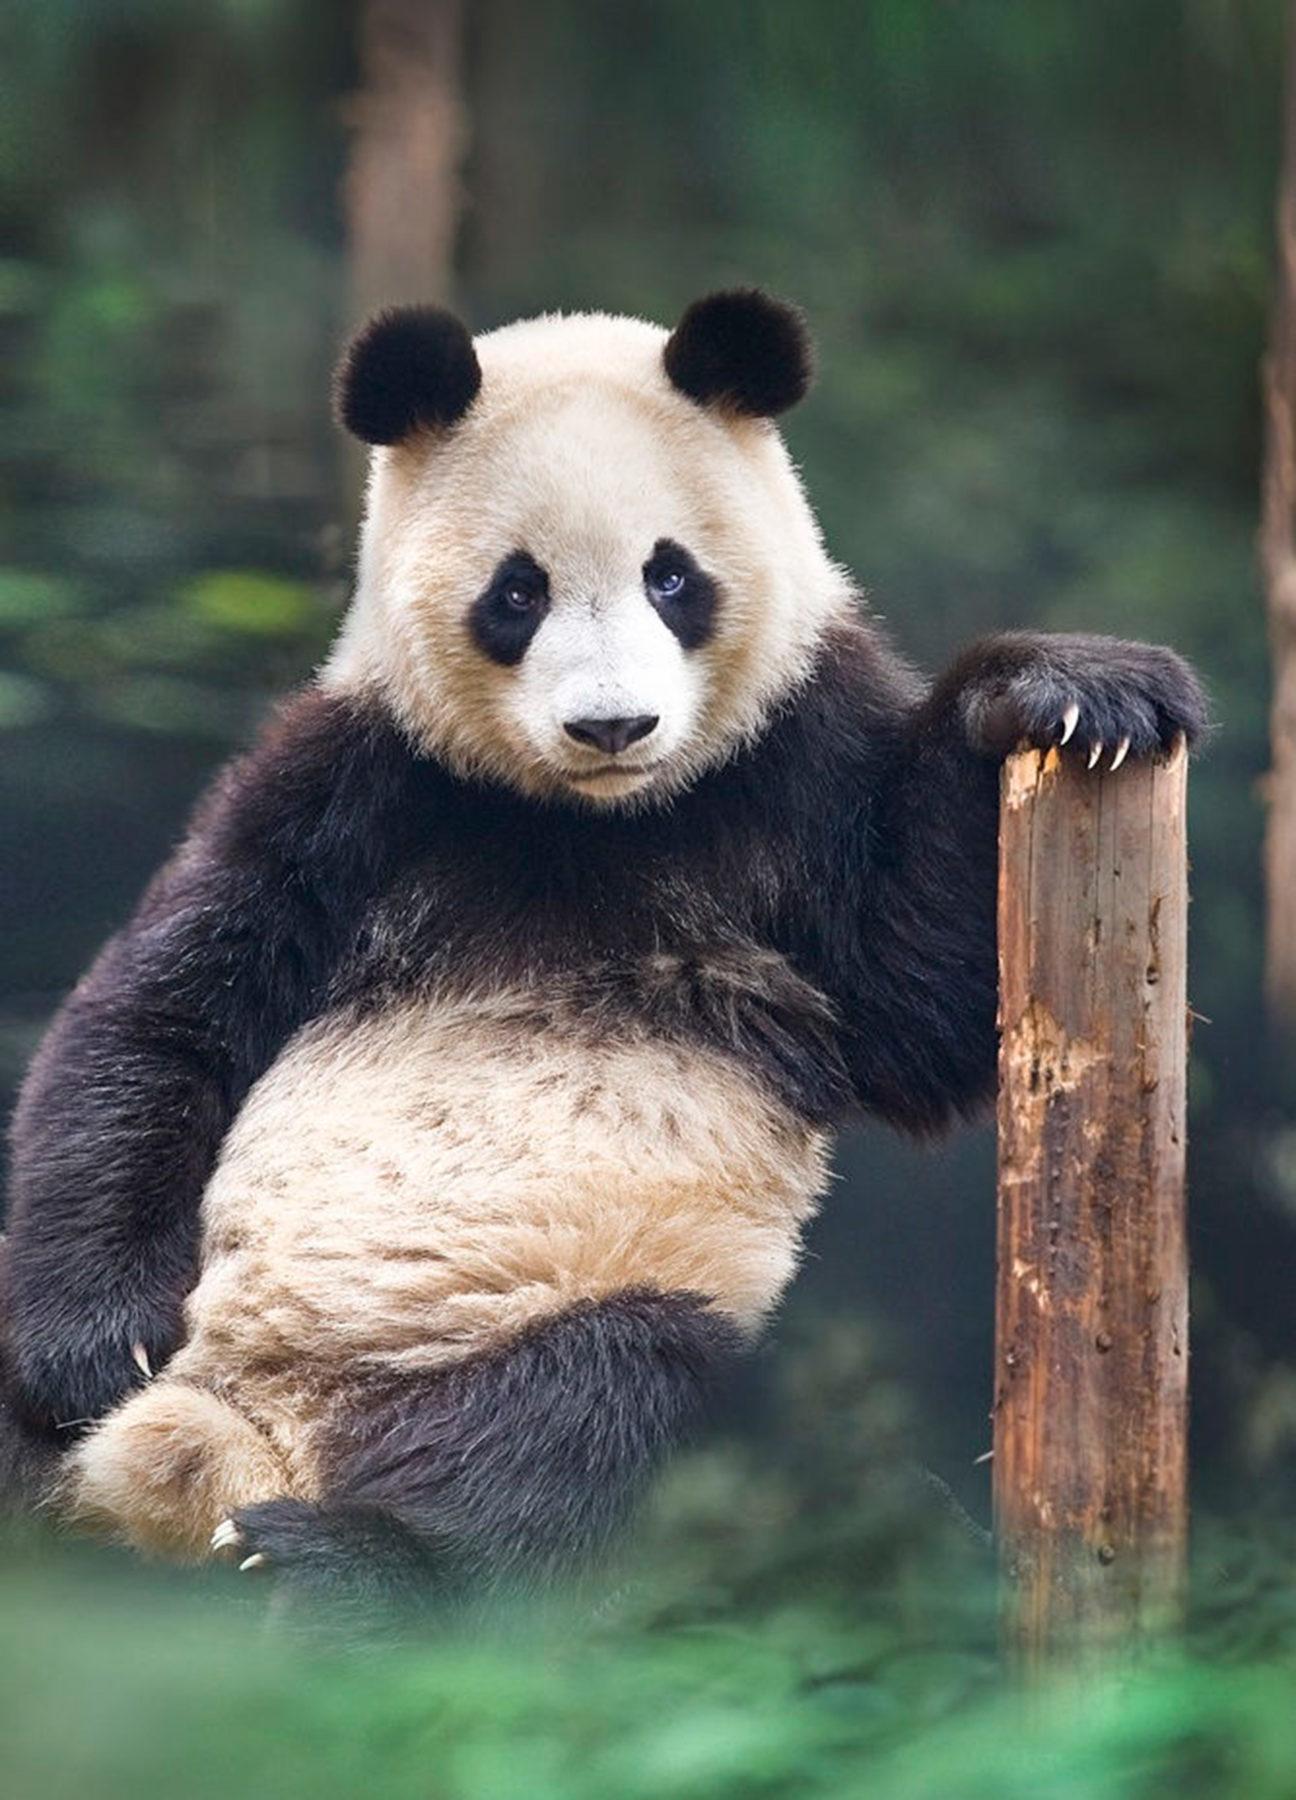 Portrait of a panda, Chengdu, China.